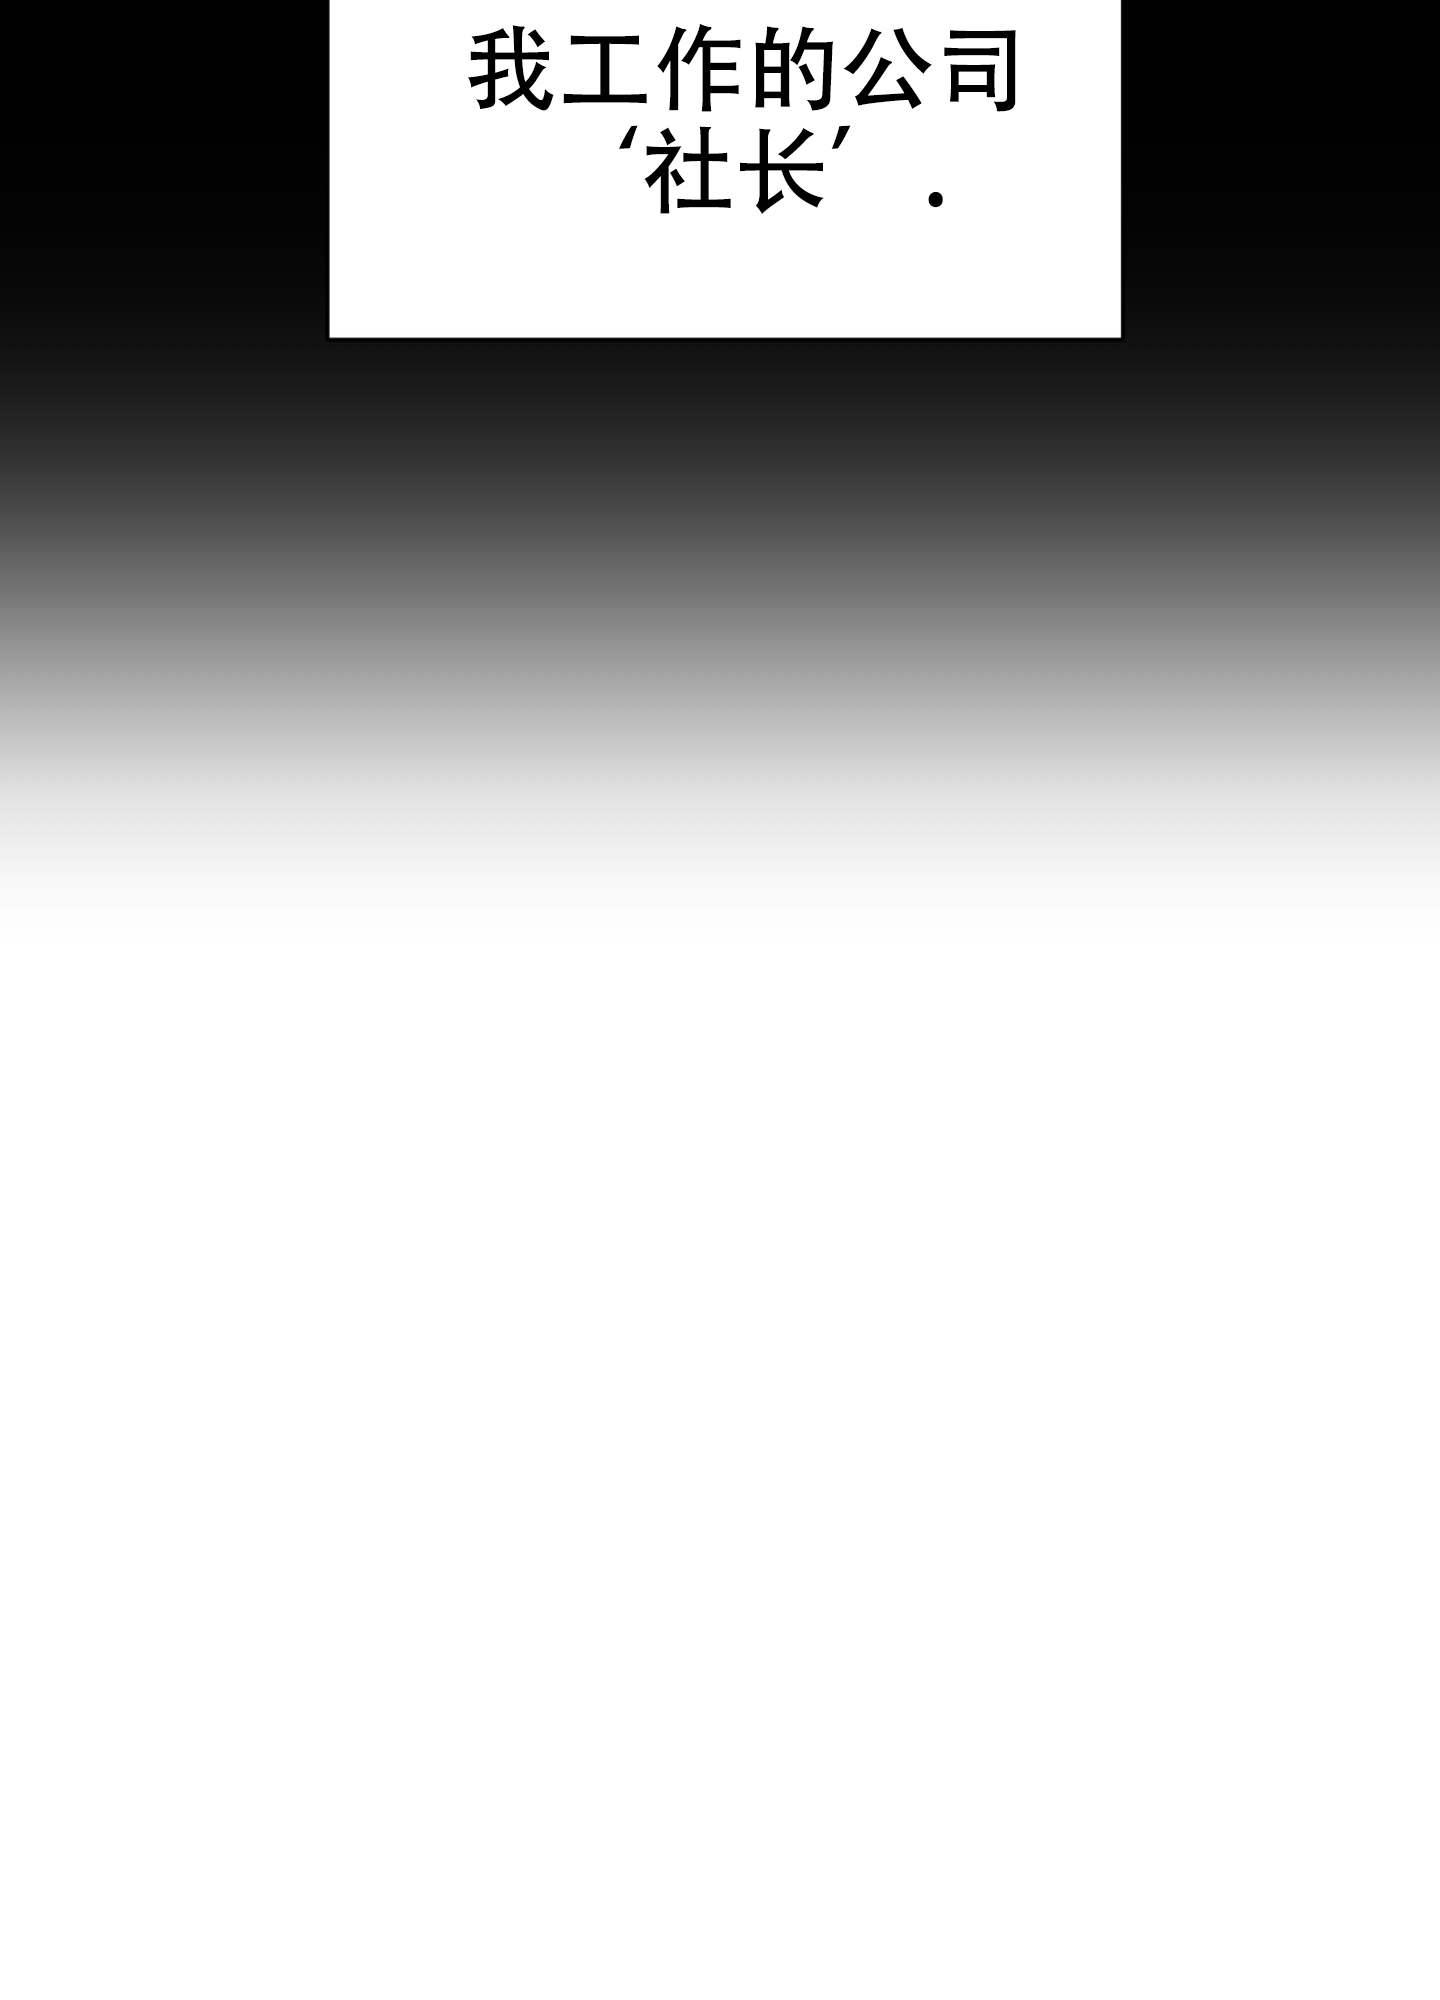 韩漫 |《恶魔的低语》年下痞老板,上来就扑倒!  第13张